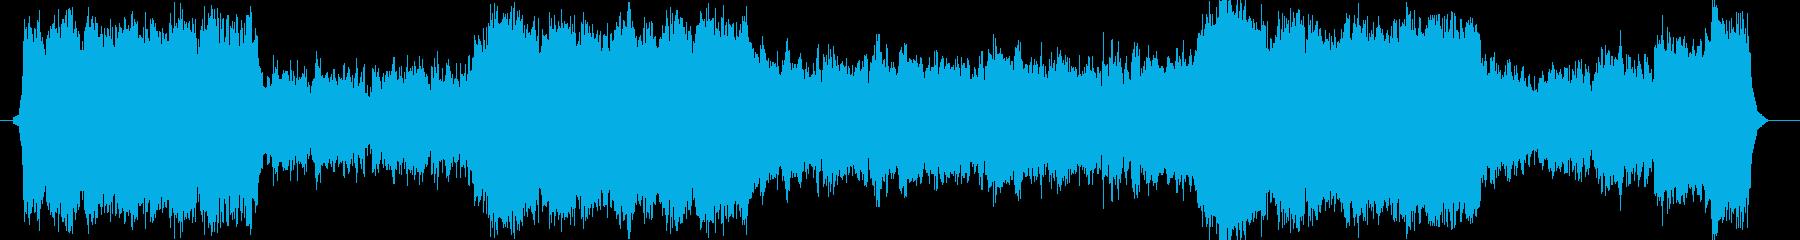 優雅 栄光 映画 ブライダル 躍動の再生済みの波形